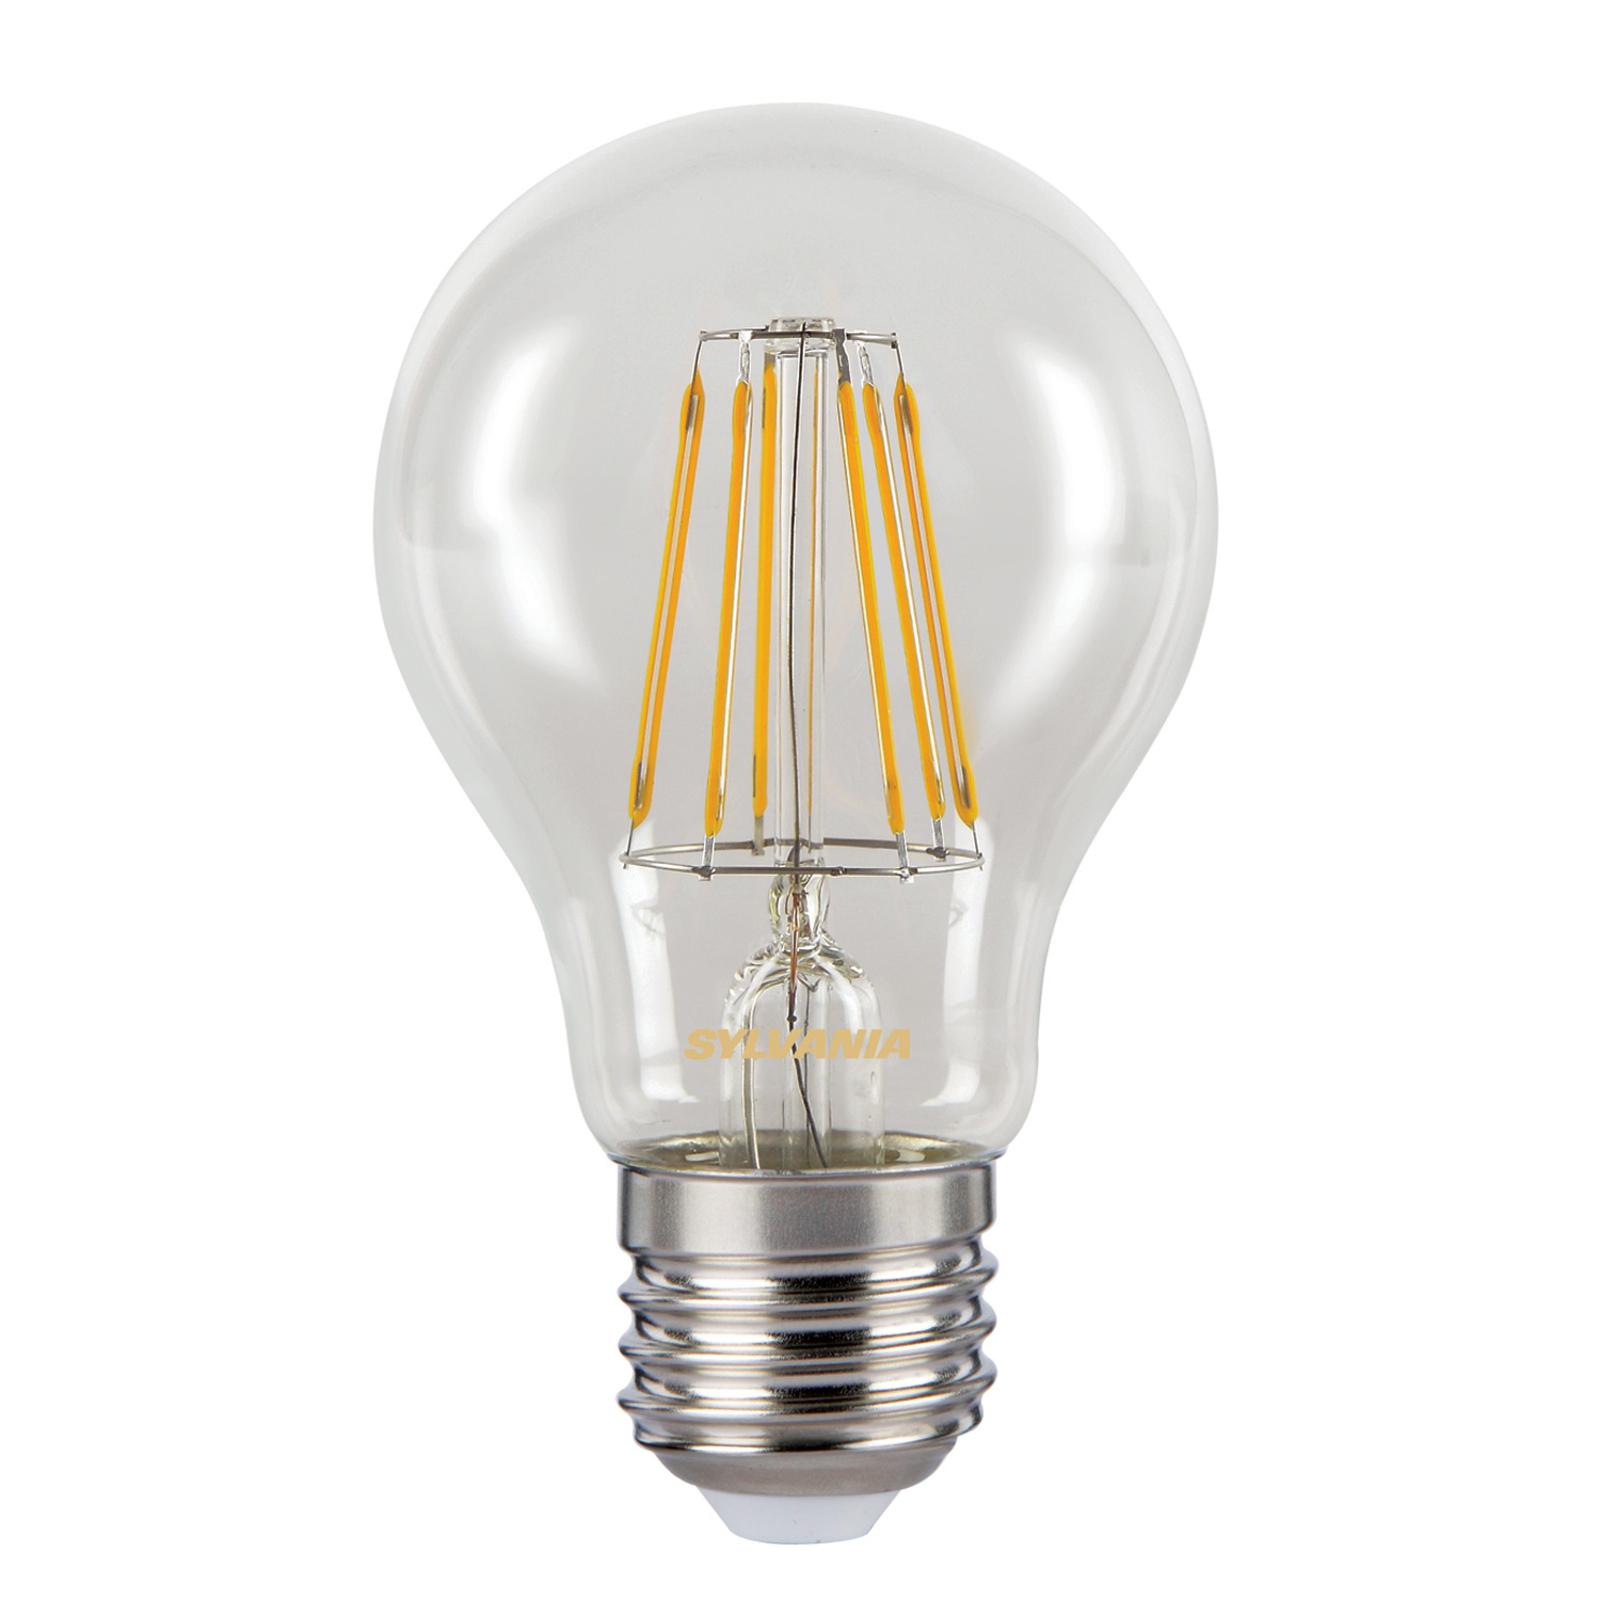 LED-Lampe E27 ToLEDo RT A60 7W klar 2.700K